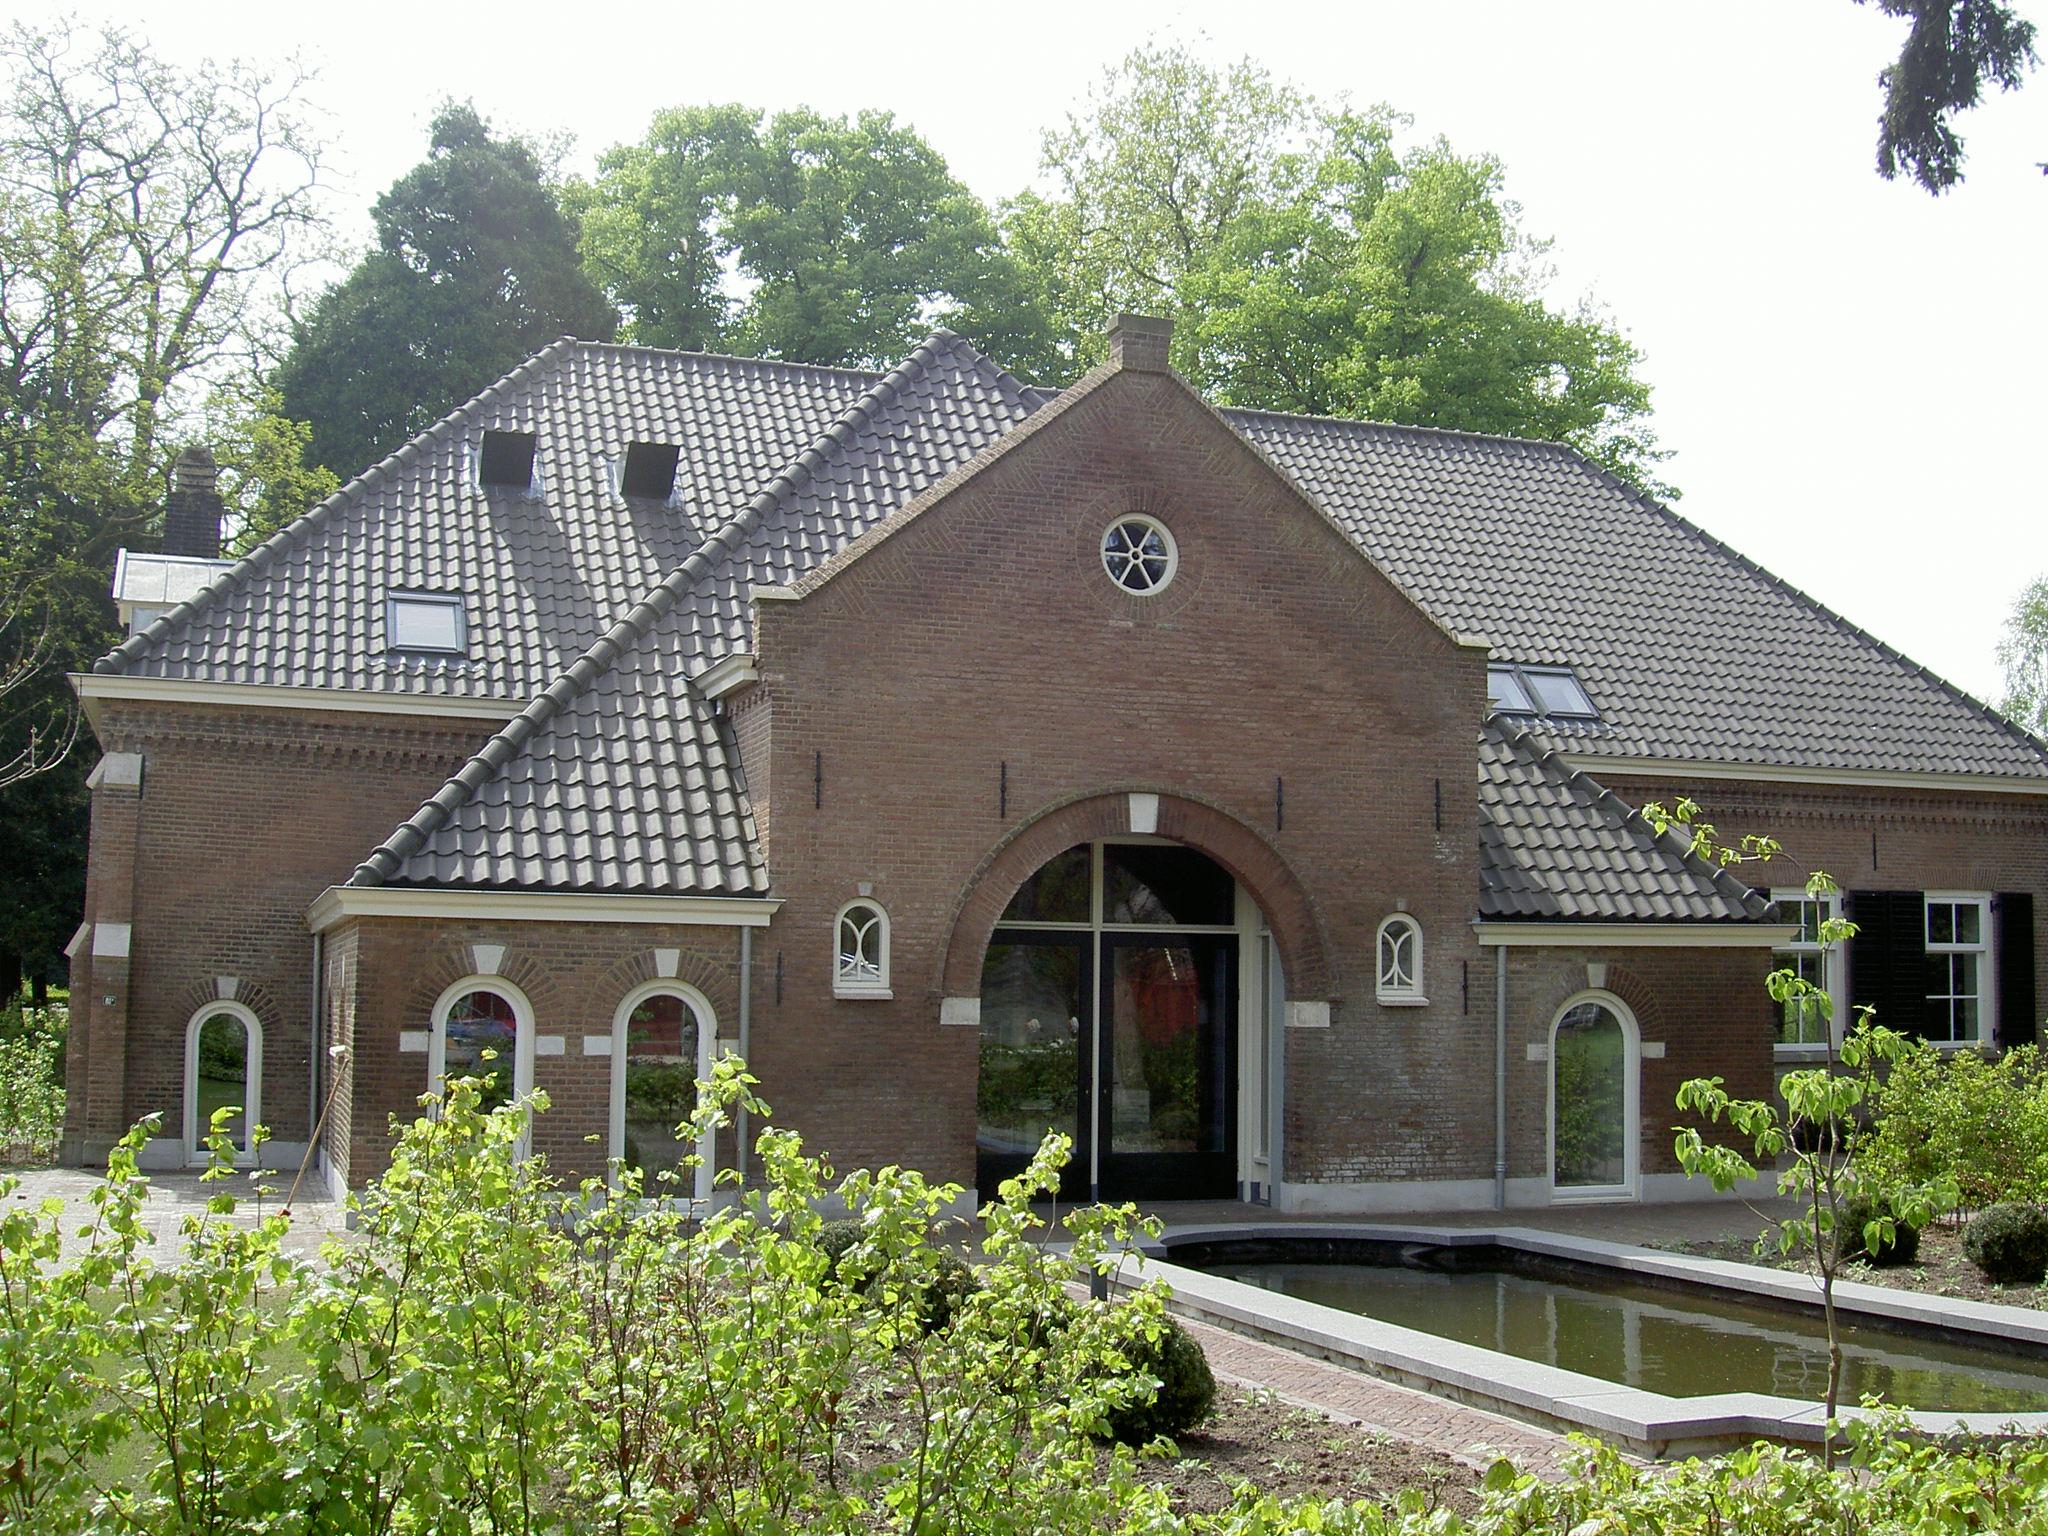 Koetshuis De Wientjesvoort, een vroeg ontwerp van P.J.H. Cuypers